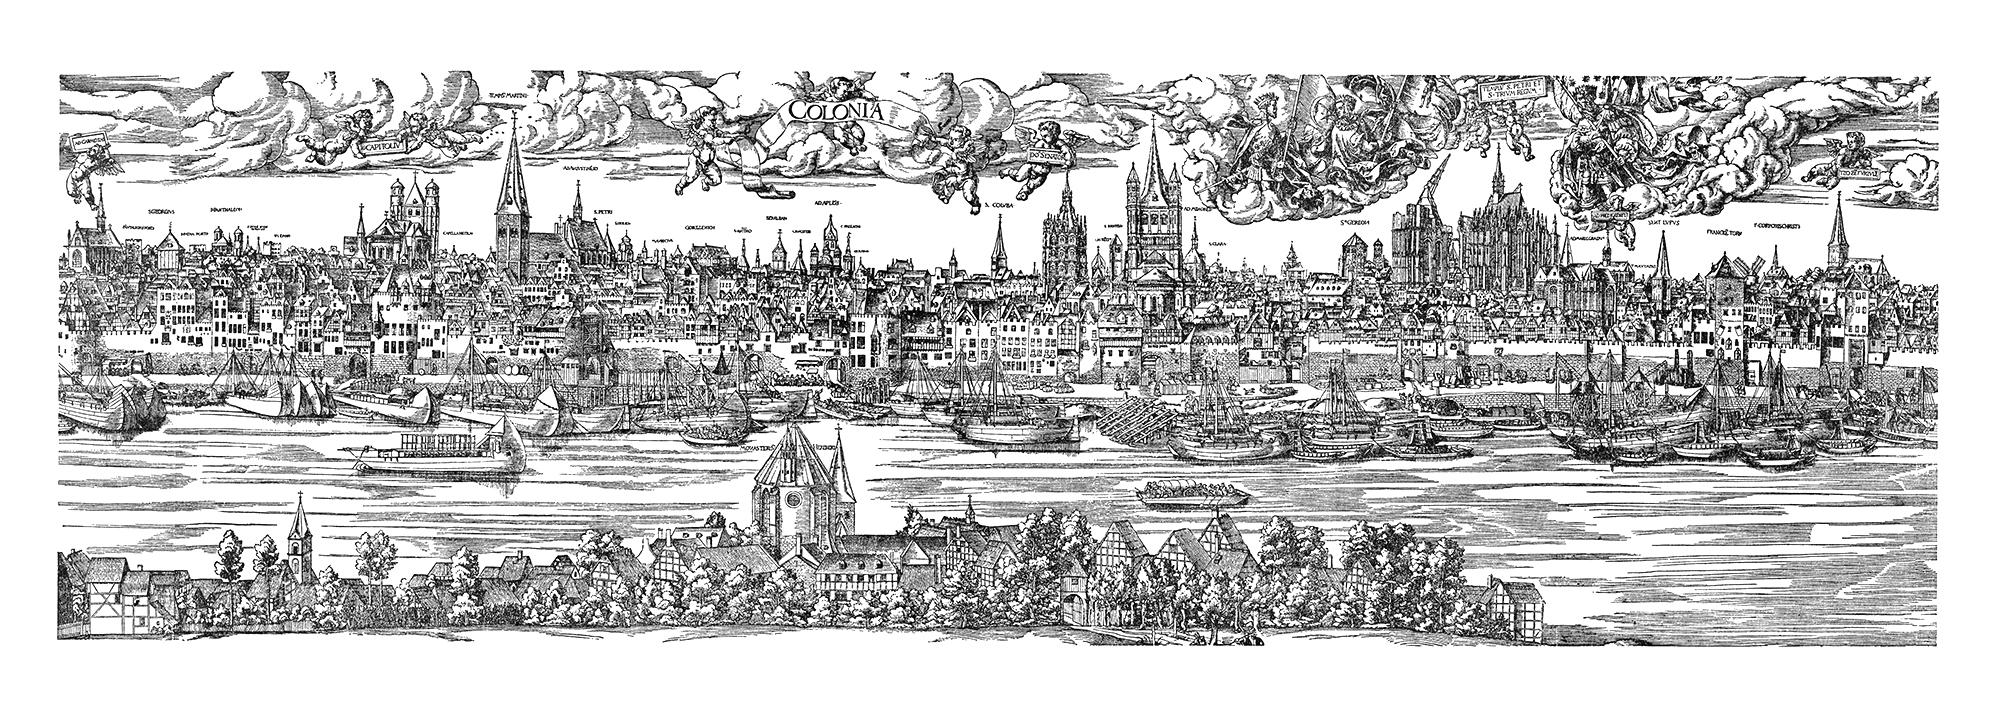 Stadtpanorama-Koln-1531-Anton-Woensam-Web